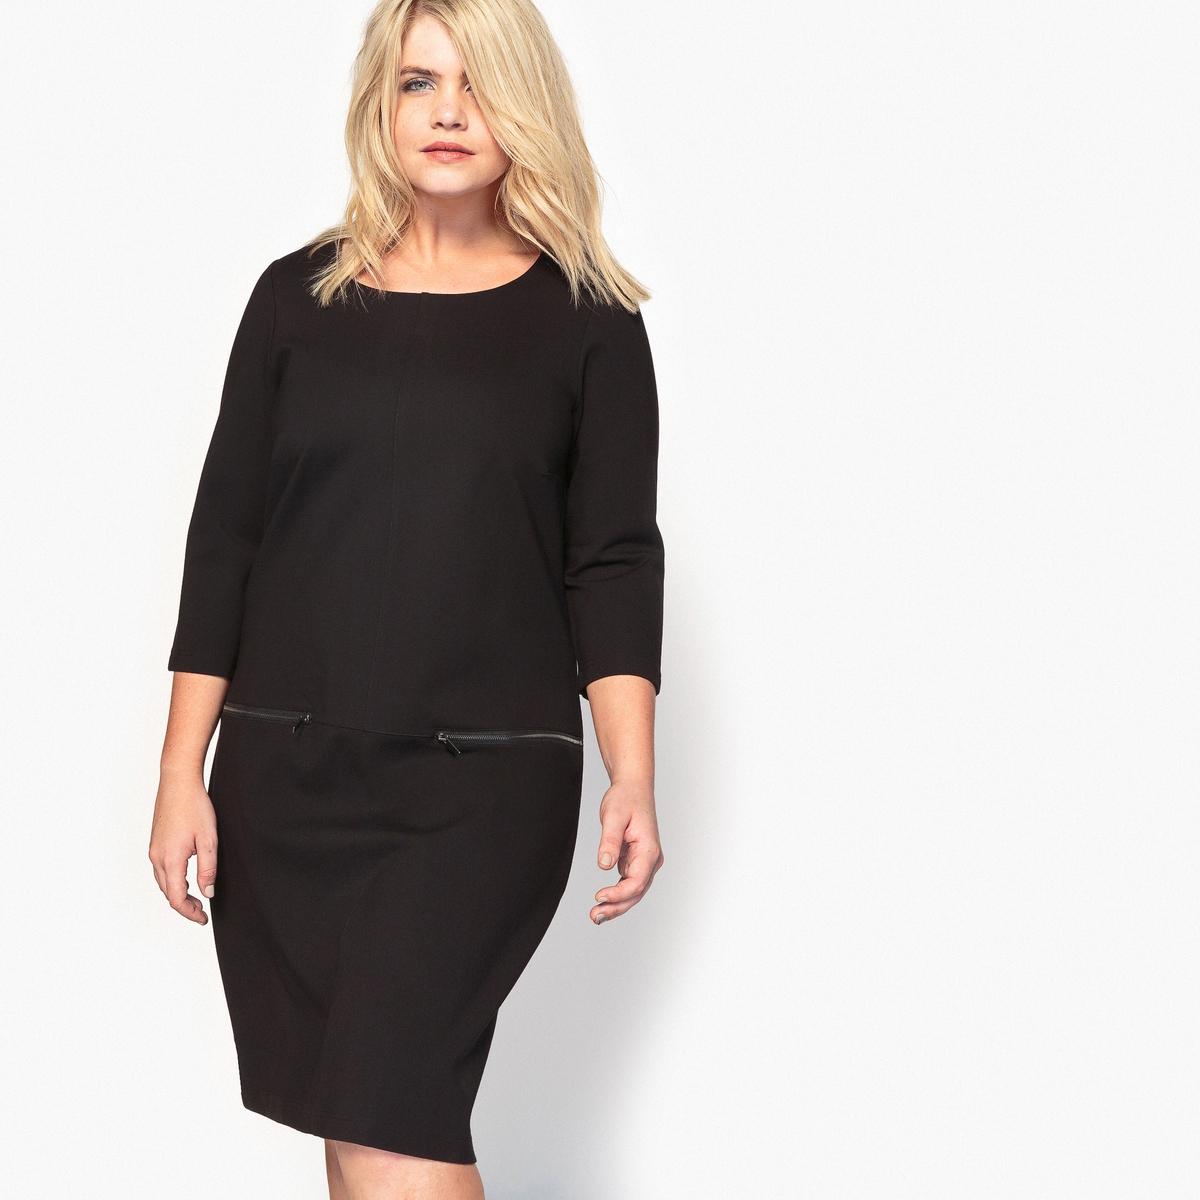 Платье прямое однотонное средней длины, с рукавами 3/4Красивое черное платье, которое должно быть у любой женщины . Гламурное и стильное, его можно надевать каждый день или на вечеринку, в этом платье есть все, чтобы вам понравиться . Детали •  Форма : прямая •  Длина до колен •  Рукава 3/4    •  Круглый вырезСостав и уход •  75% вискозы, 3% эластана, 22% полиамида •  Температура стирки при 30° на деликатном режиме   •  Сухая чистка и отбеливание запрещены •  Не использовать барабанную сушку   •  Низкая температура глажки   ВАЖНО: Товар без манжетТовар из коллекции больших размеров •  Красивое черное платье, которое должно быть у любой женщины  . •  2 горизонтальных кармана на молнии спереди . •  Длина : 98 см<br><br>Цвет: черный<br>Размер: 42 (FR) - 48 (RUS)